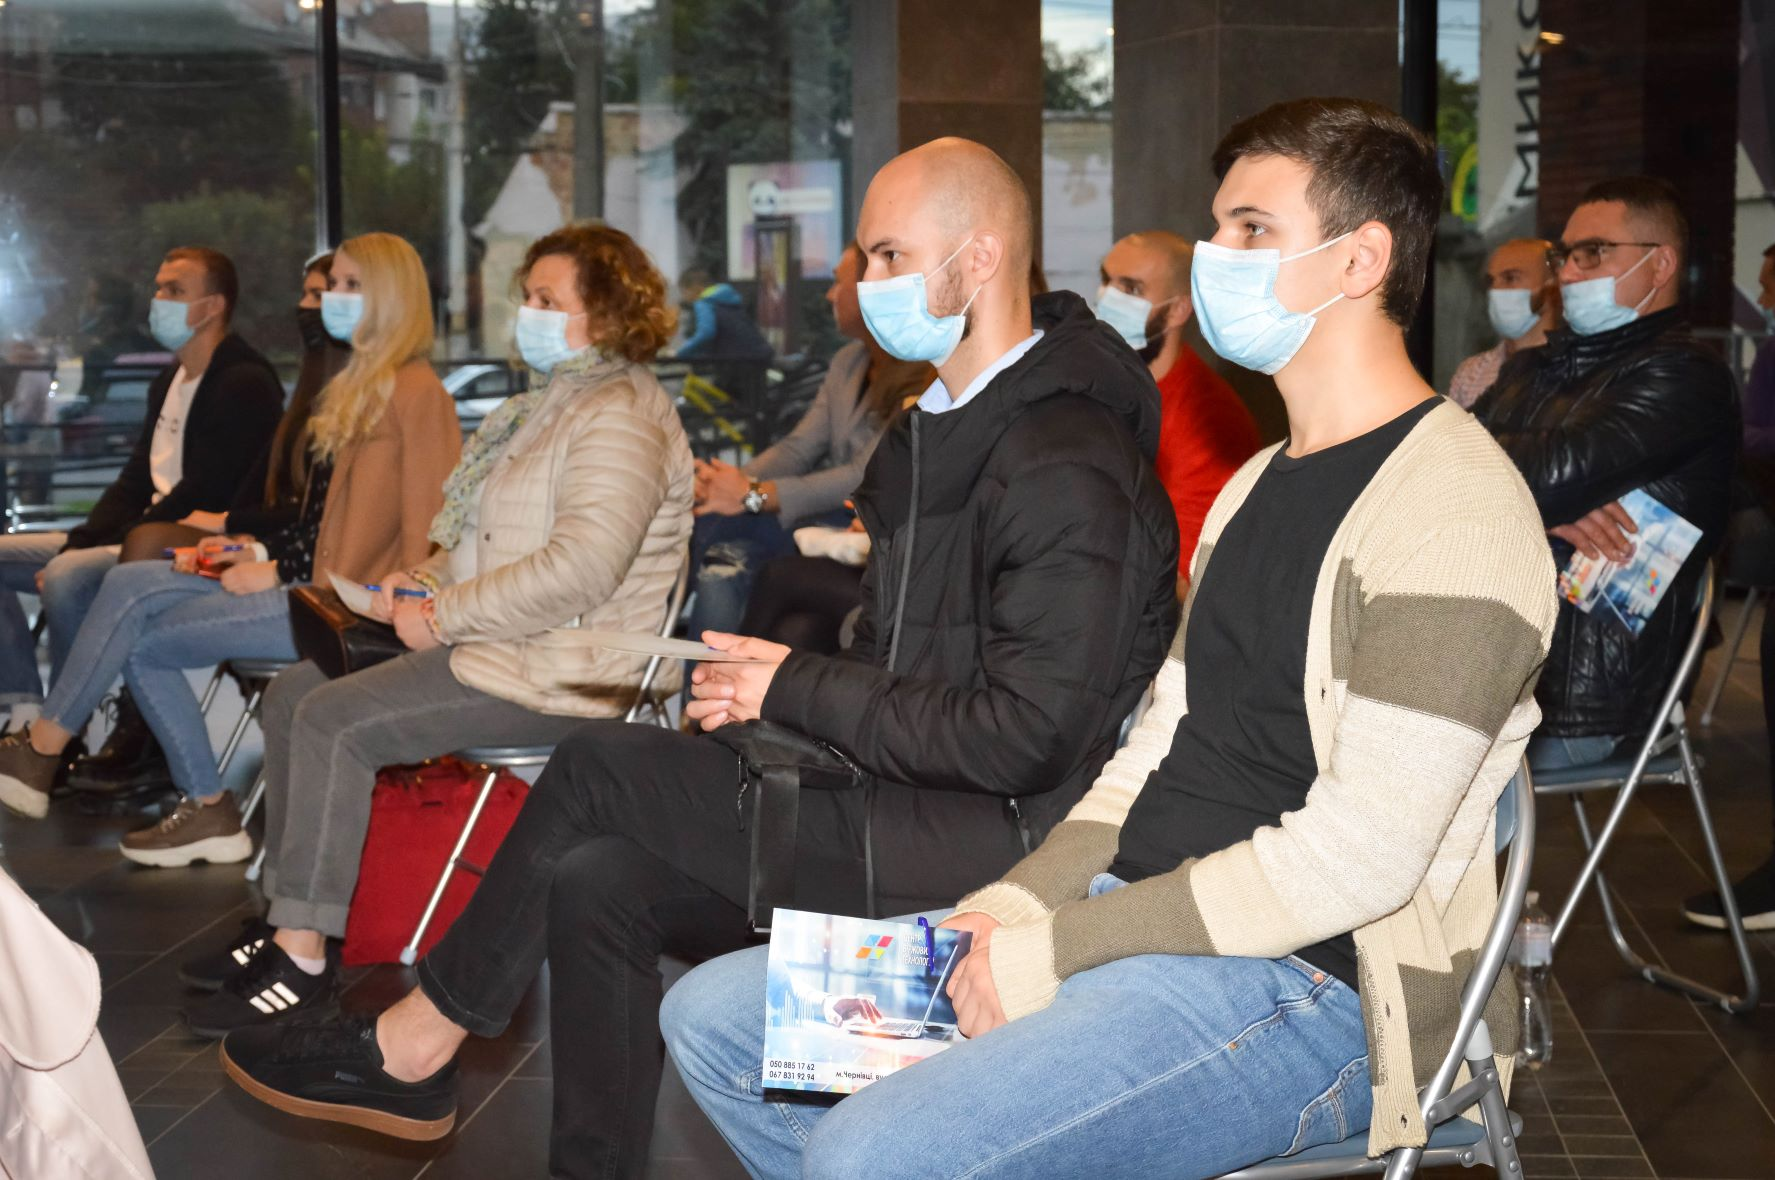 ЦБТ провів актуальну дискусійну панель в Чернівцях - 8 фото